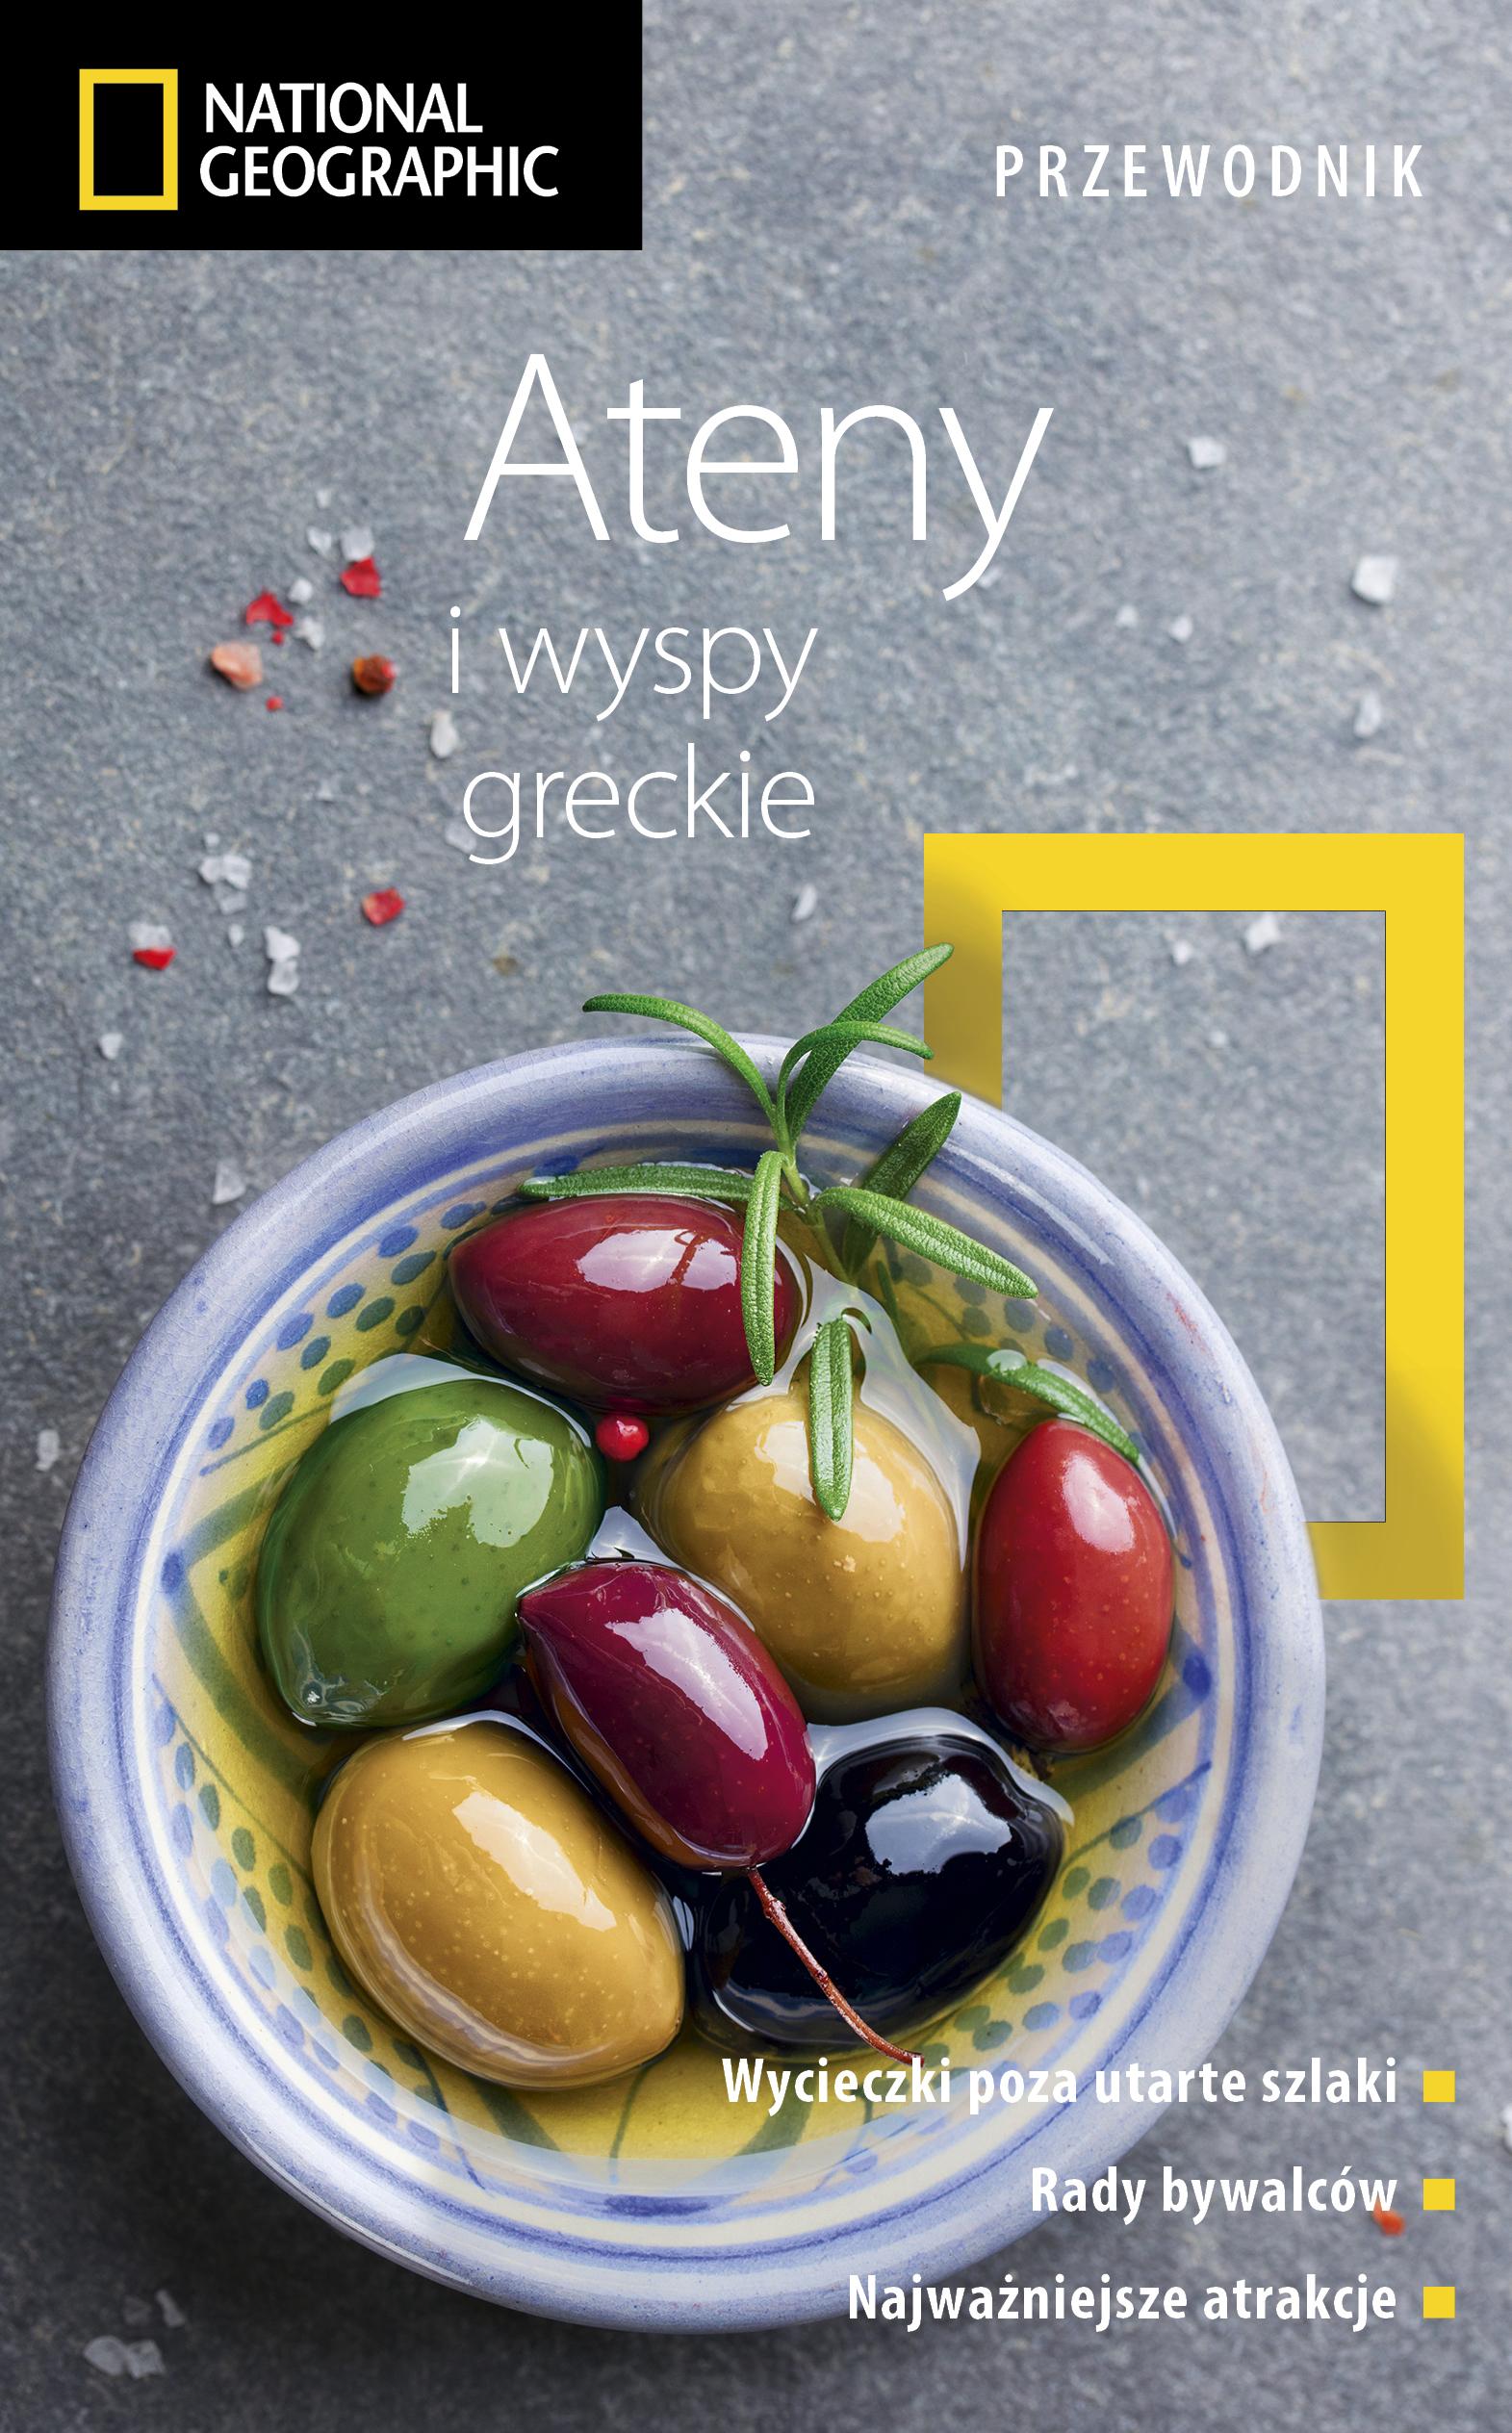 Ateny i wyspy greckie. Przewodnik National Geographic